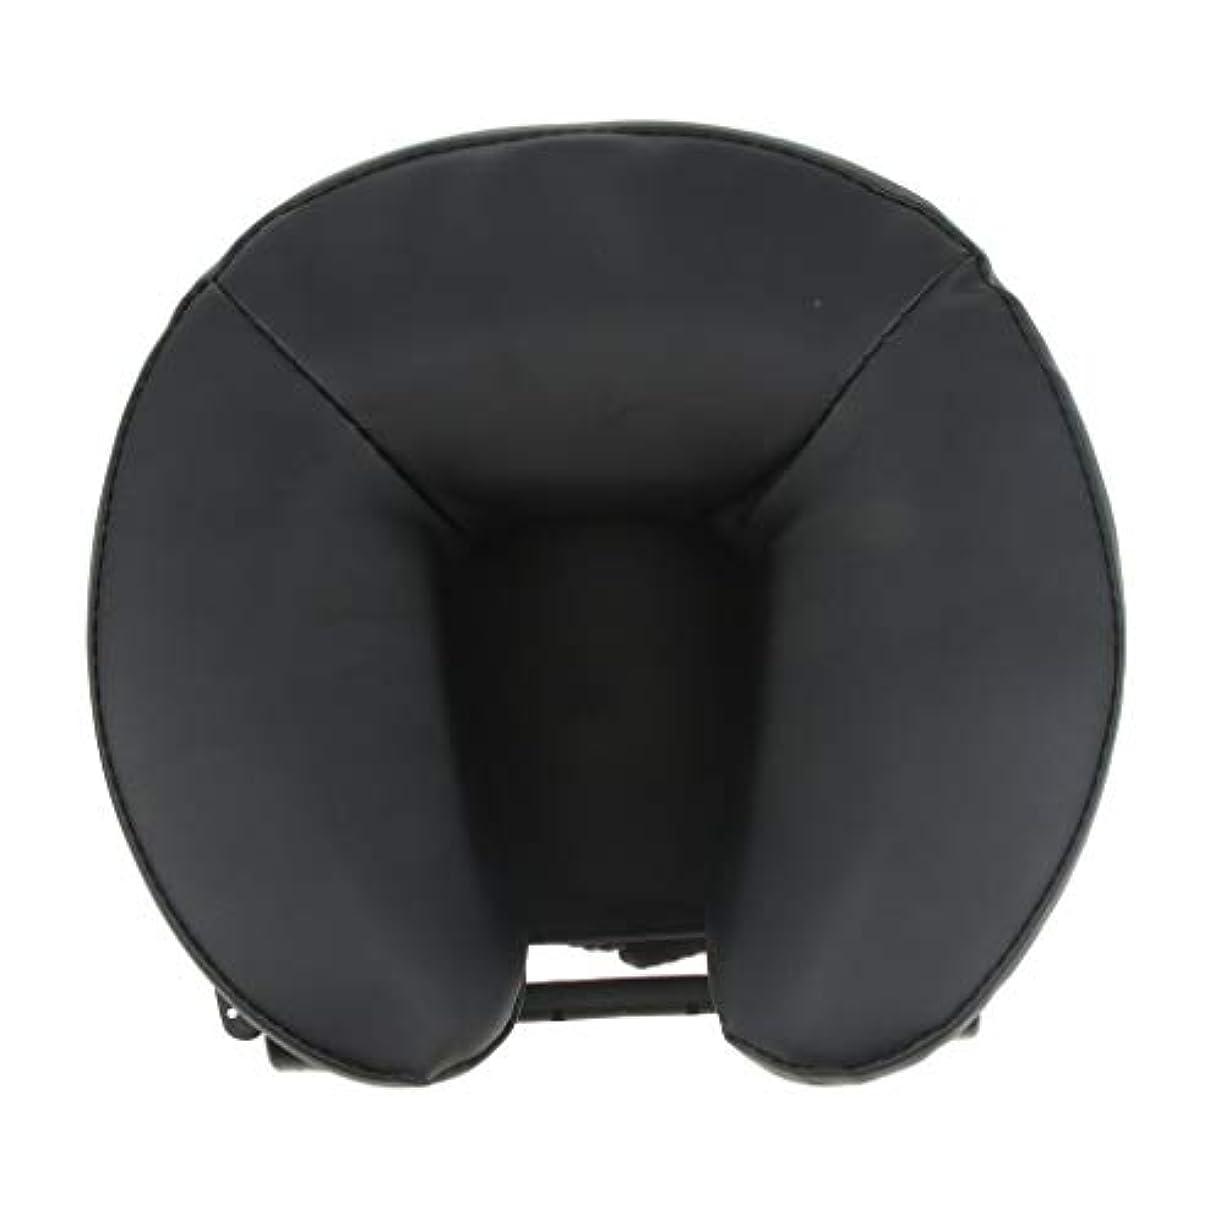 曲がった推定消えるFLAMEER U型 PUレザーカバー マッサージ用クッション 胸当てマクラ 顔枕 首枕 使いやすい 2色選ぶ - ブラック